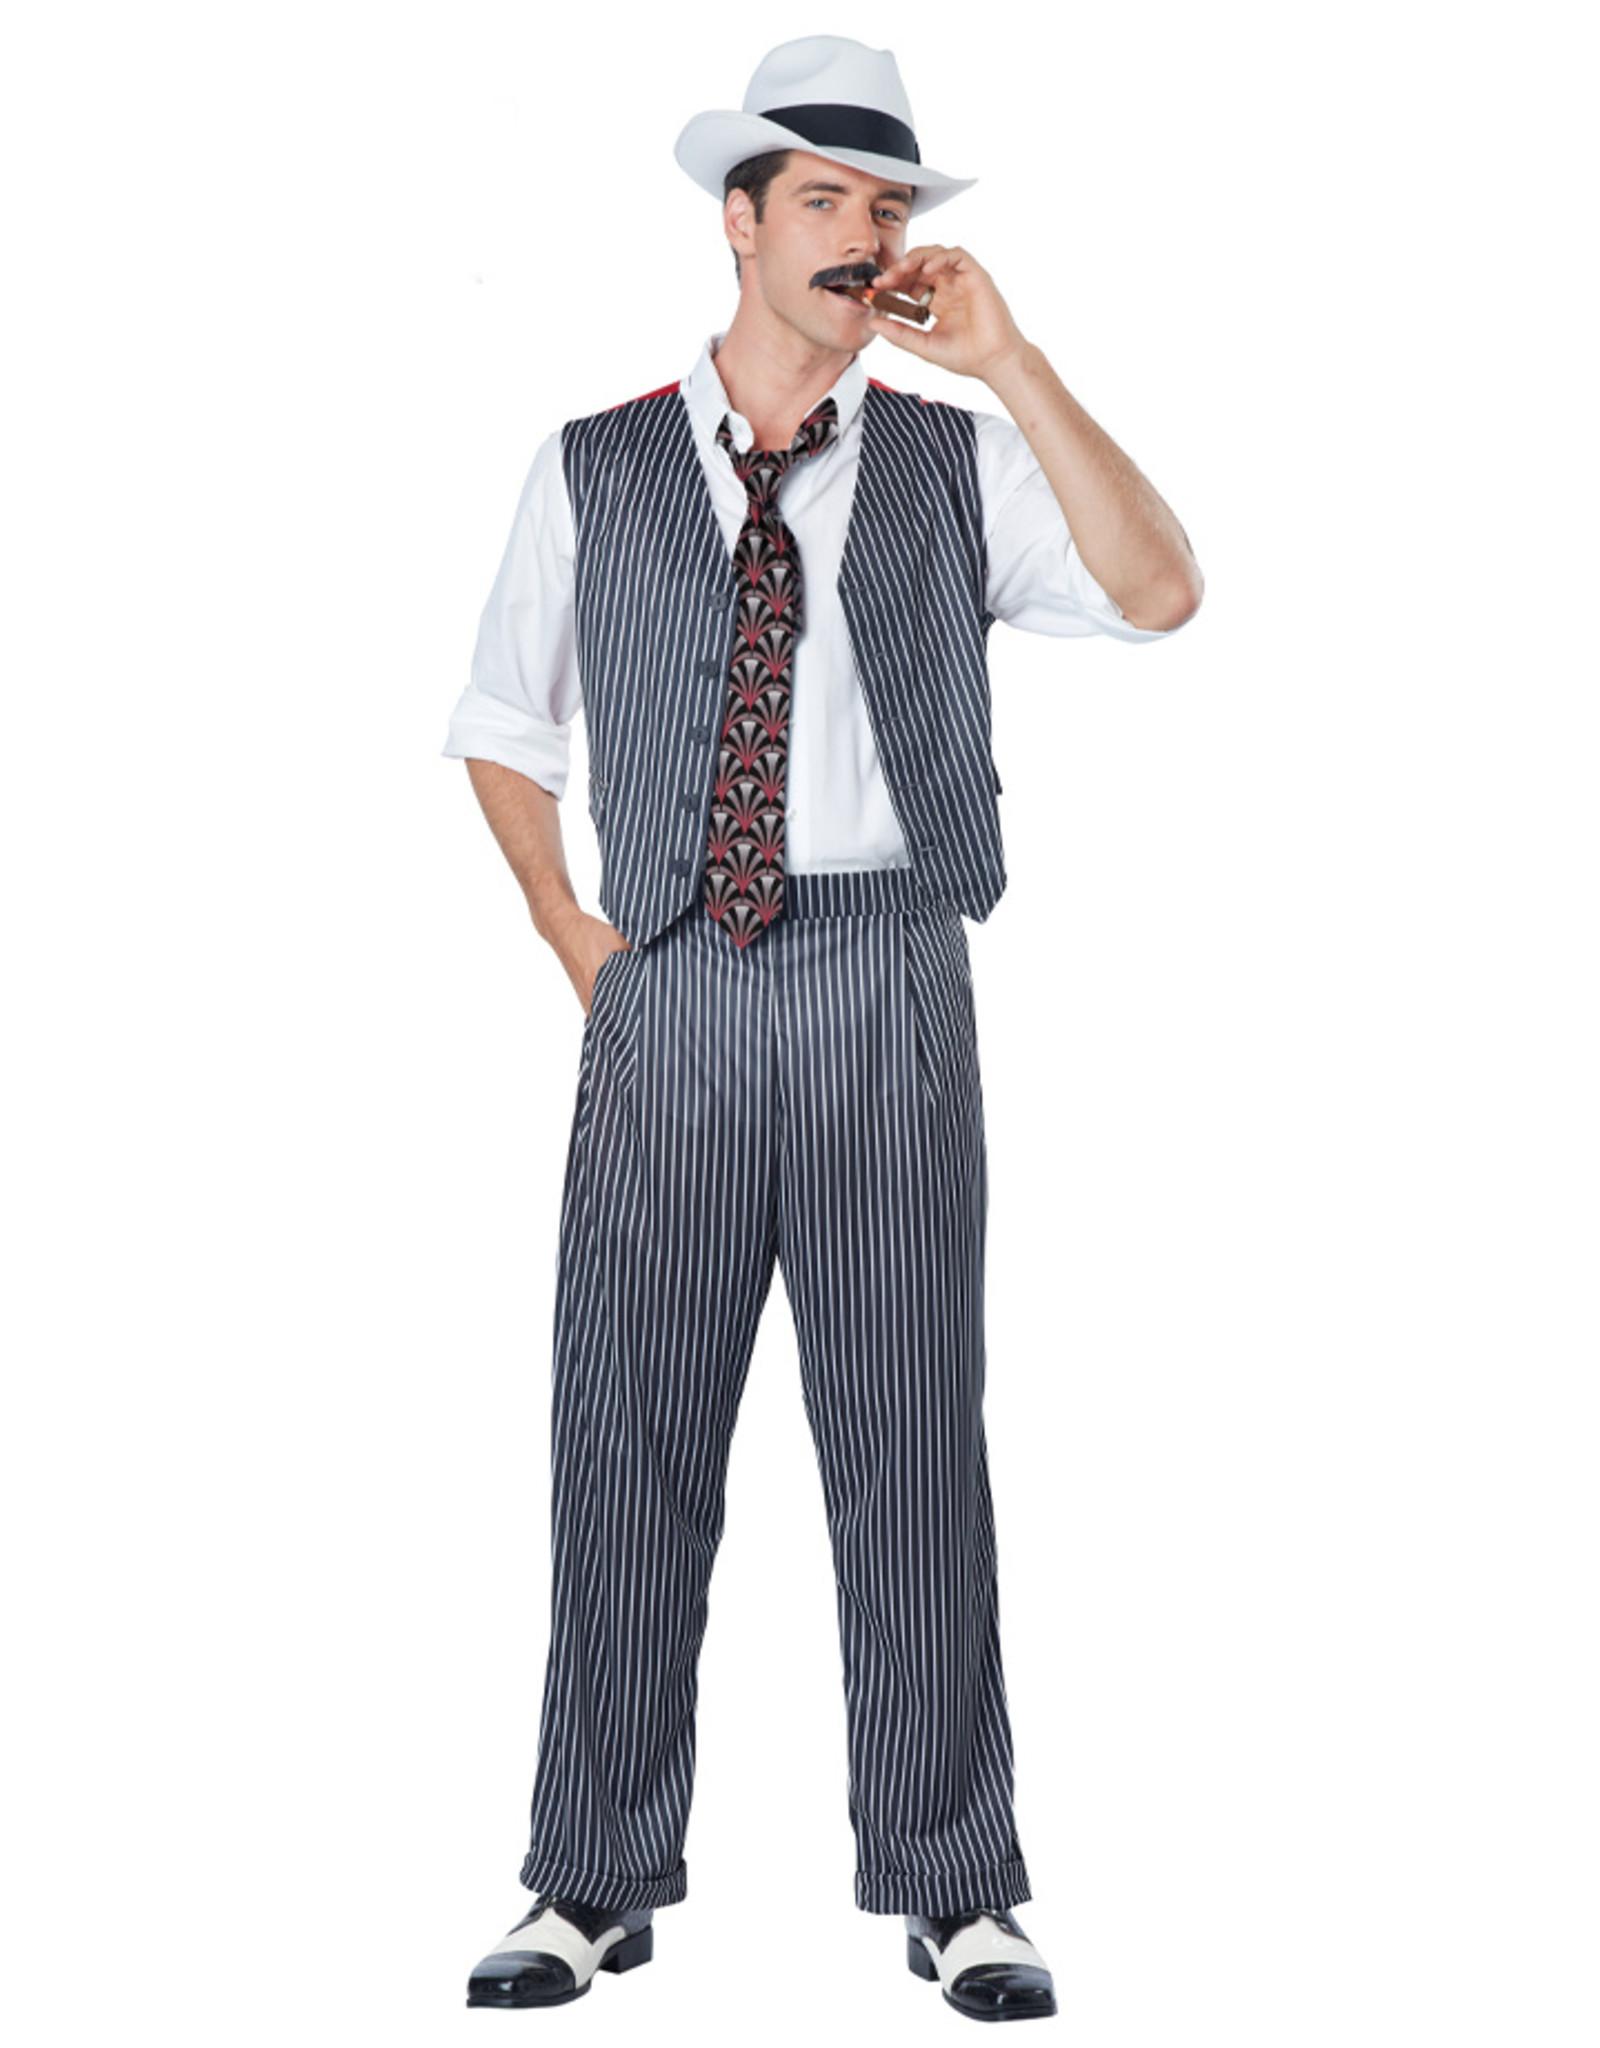 Mobster Costume - Men's